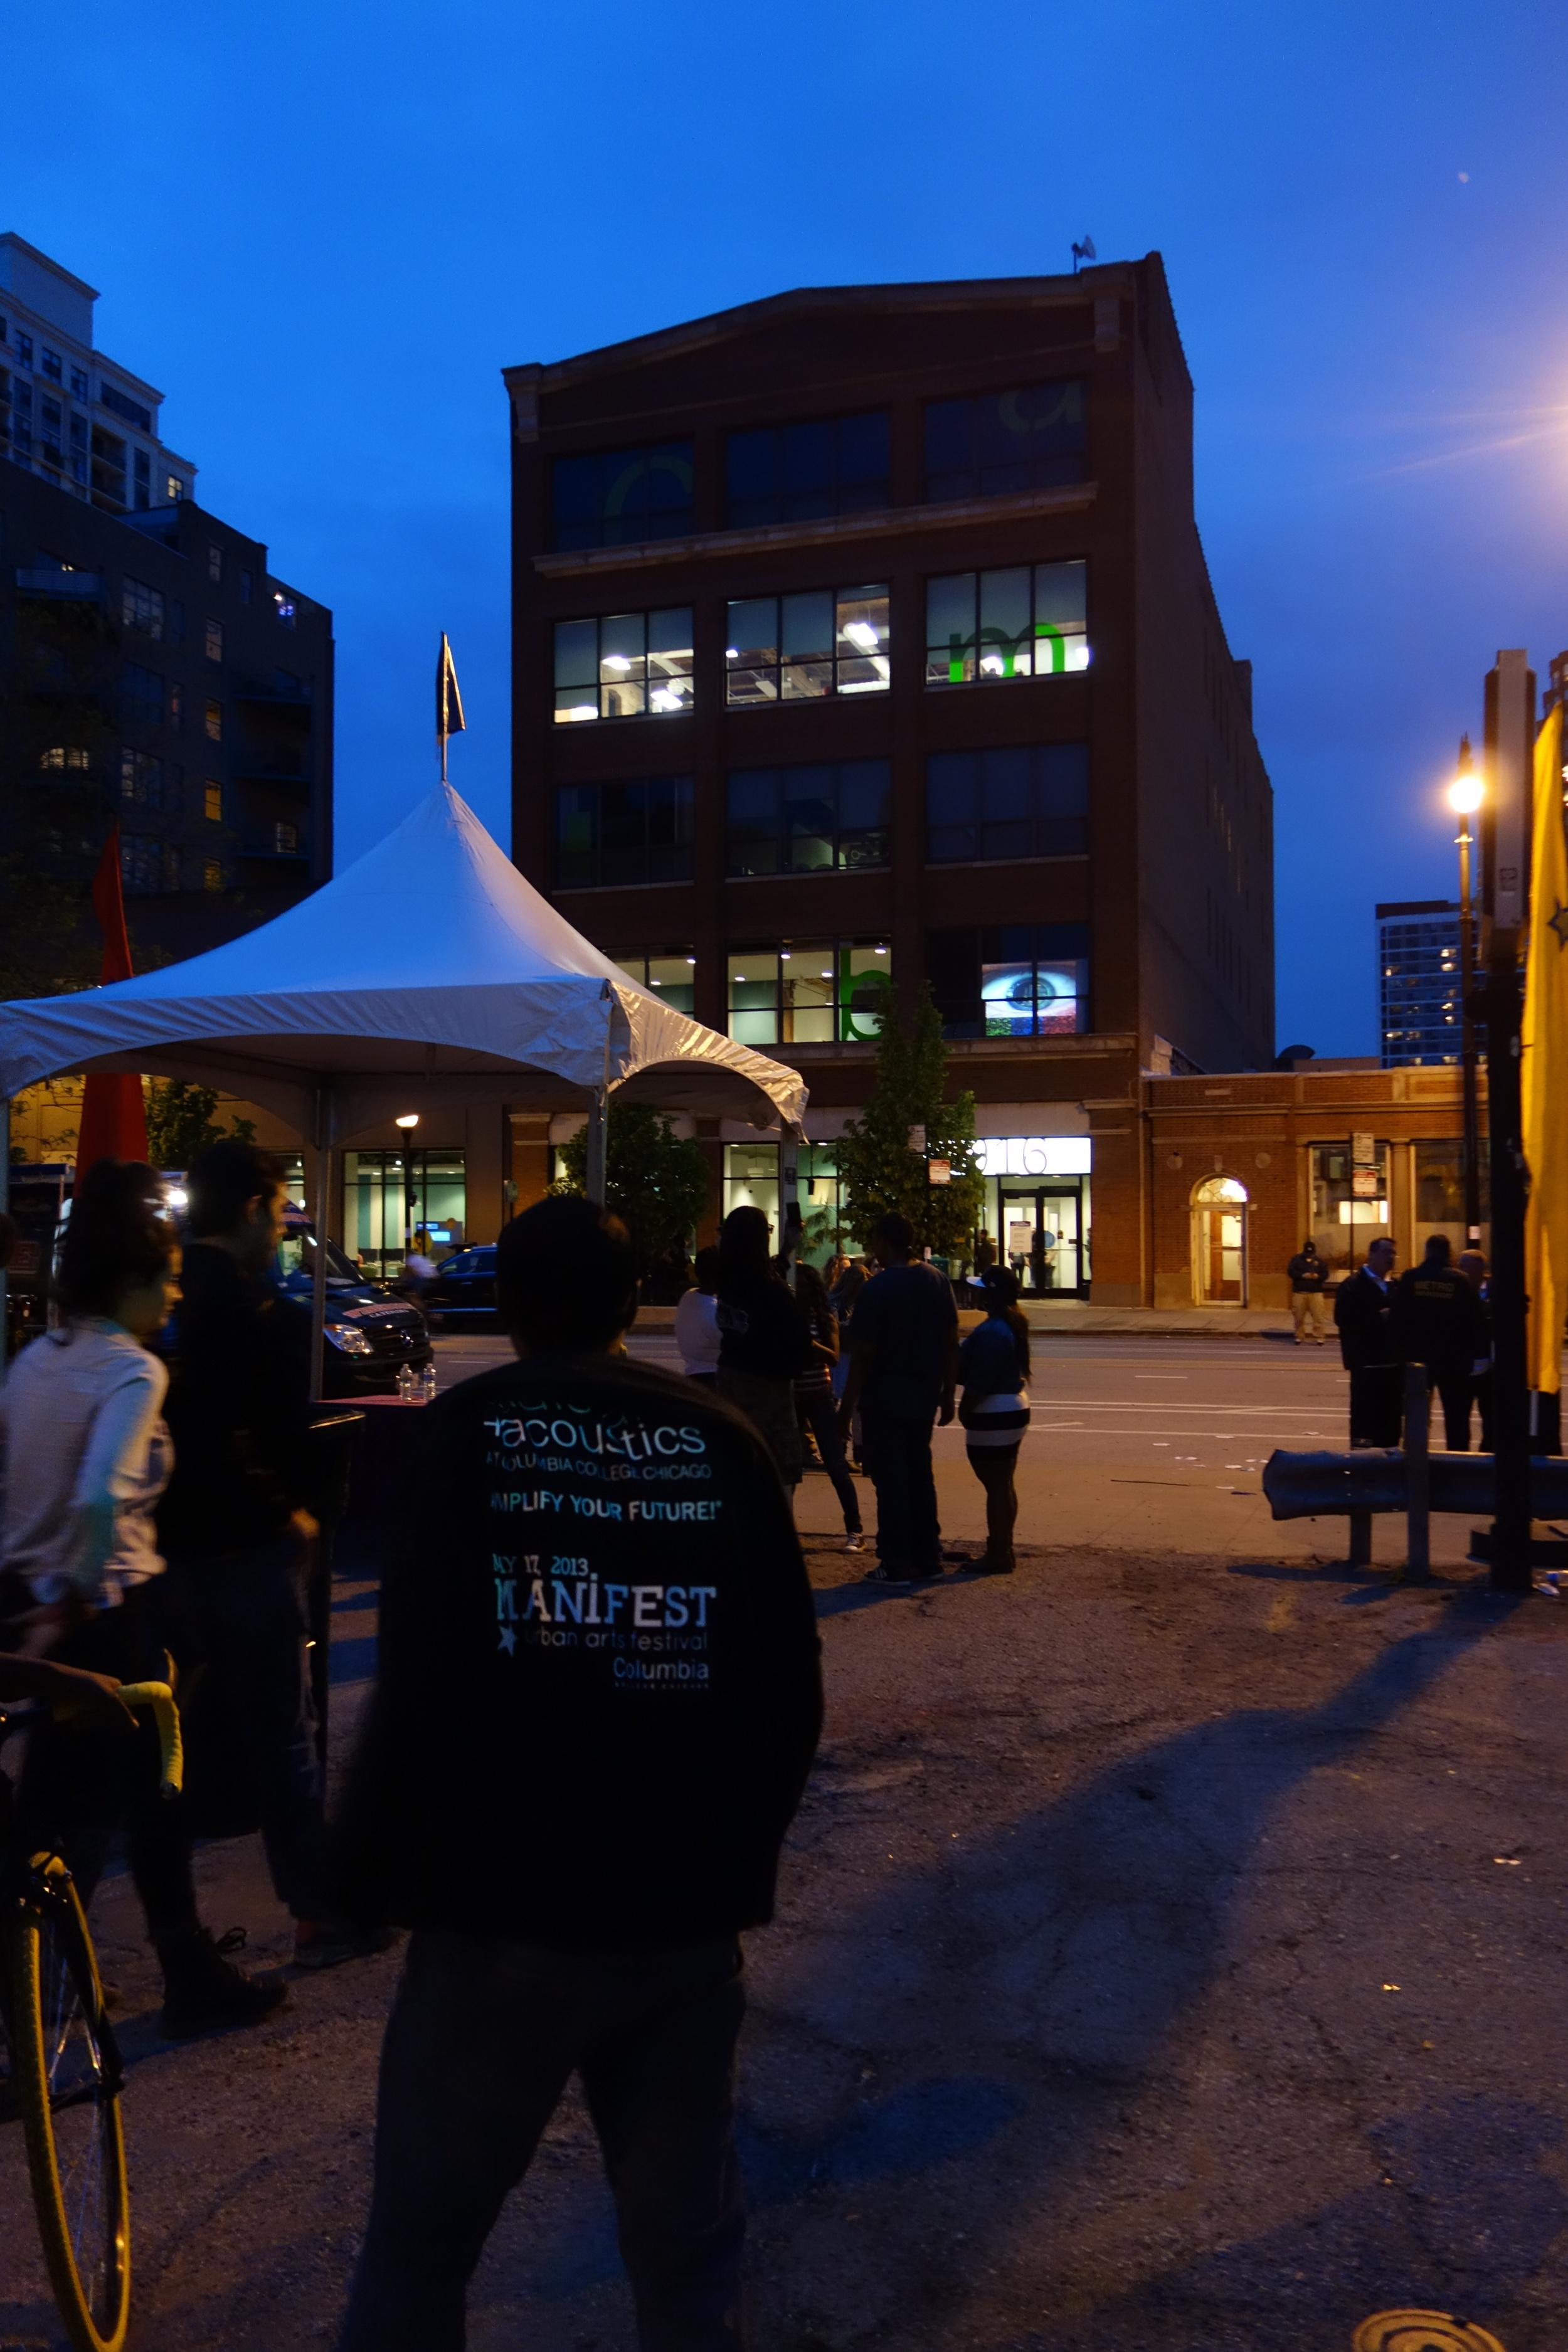 ESW at Manifest Urban Arts Festival 2013